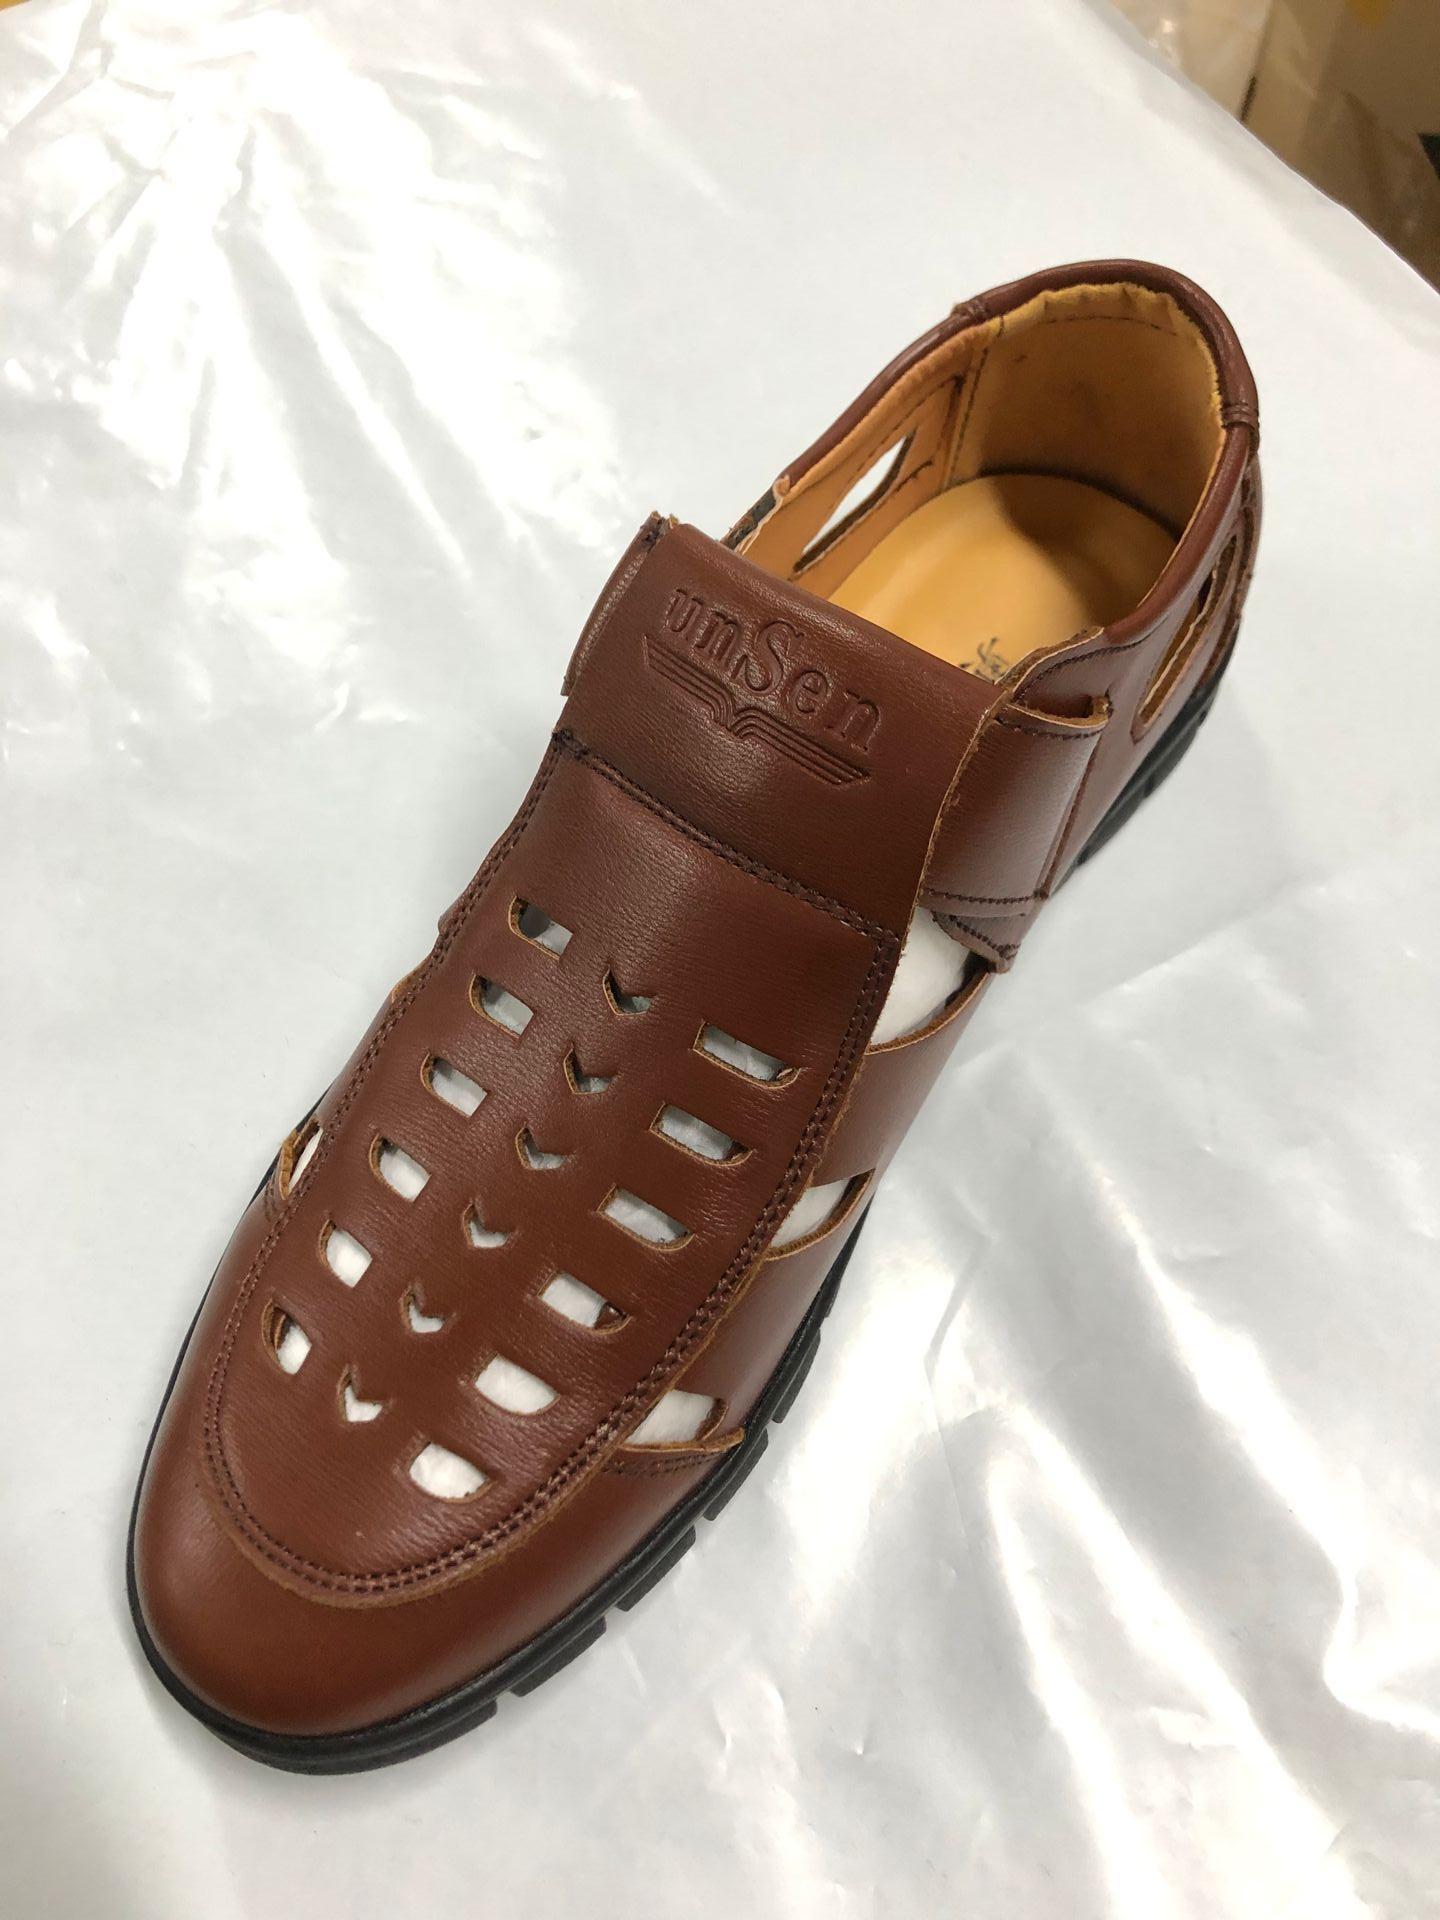 Hombres Sandalias Sandalias de Cuero Hombres Moda Marrón Cómodo Ocio Marca Zapatos Hombres Playa Sandalias Slippers Plus Tamaño 40